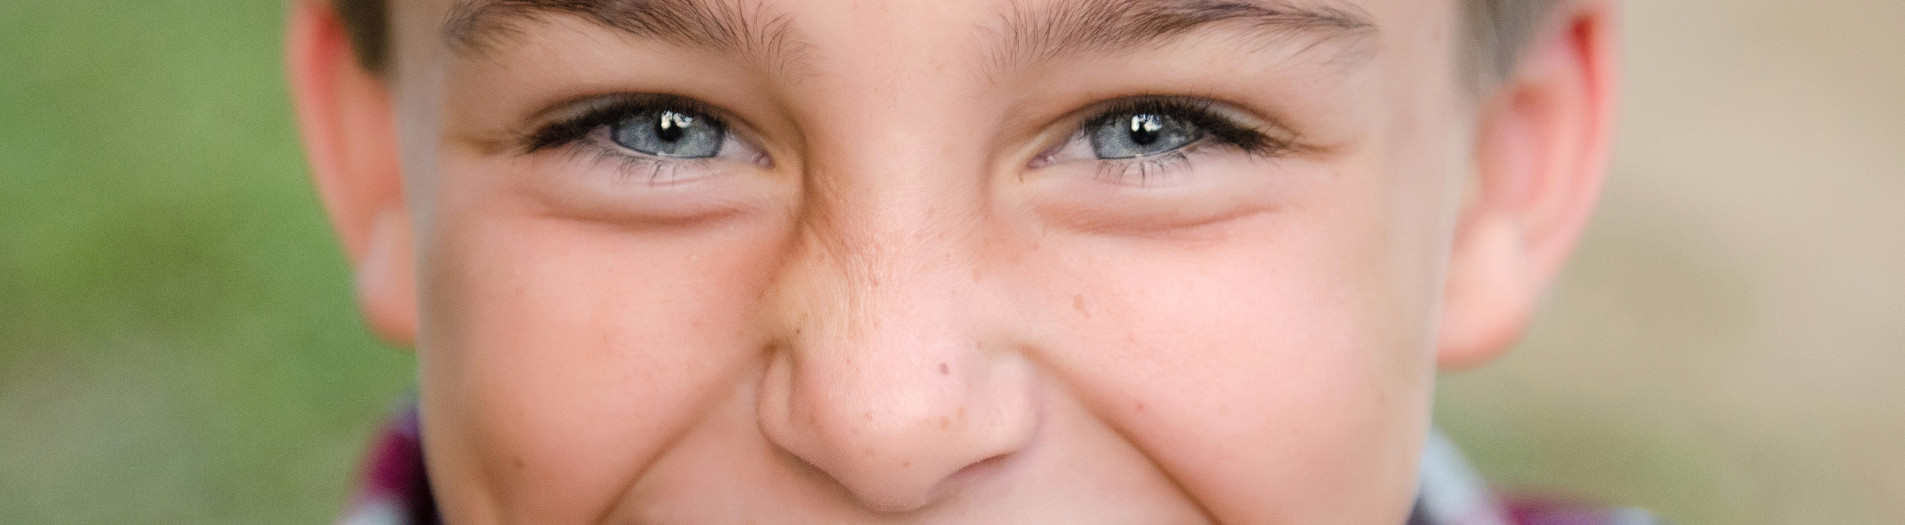 Child Photography | Middletown, DE |Wilmington, de | The Simpson Family